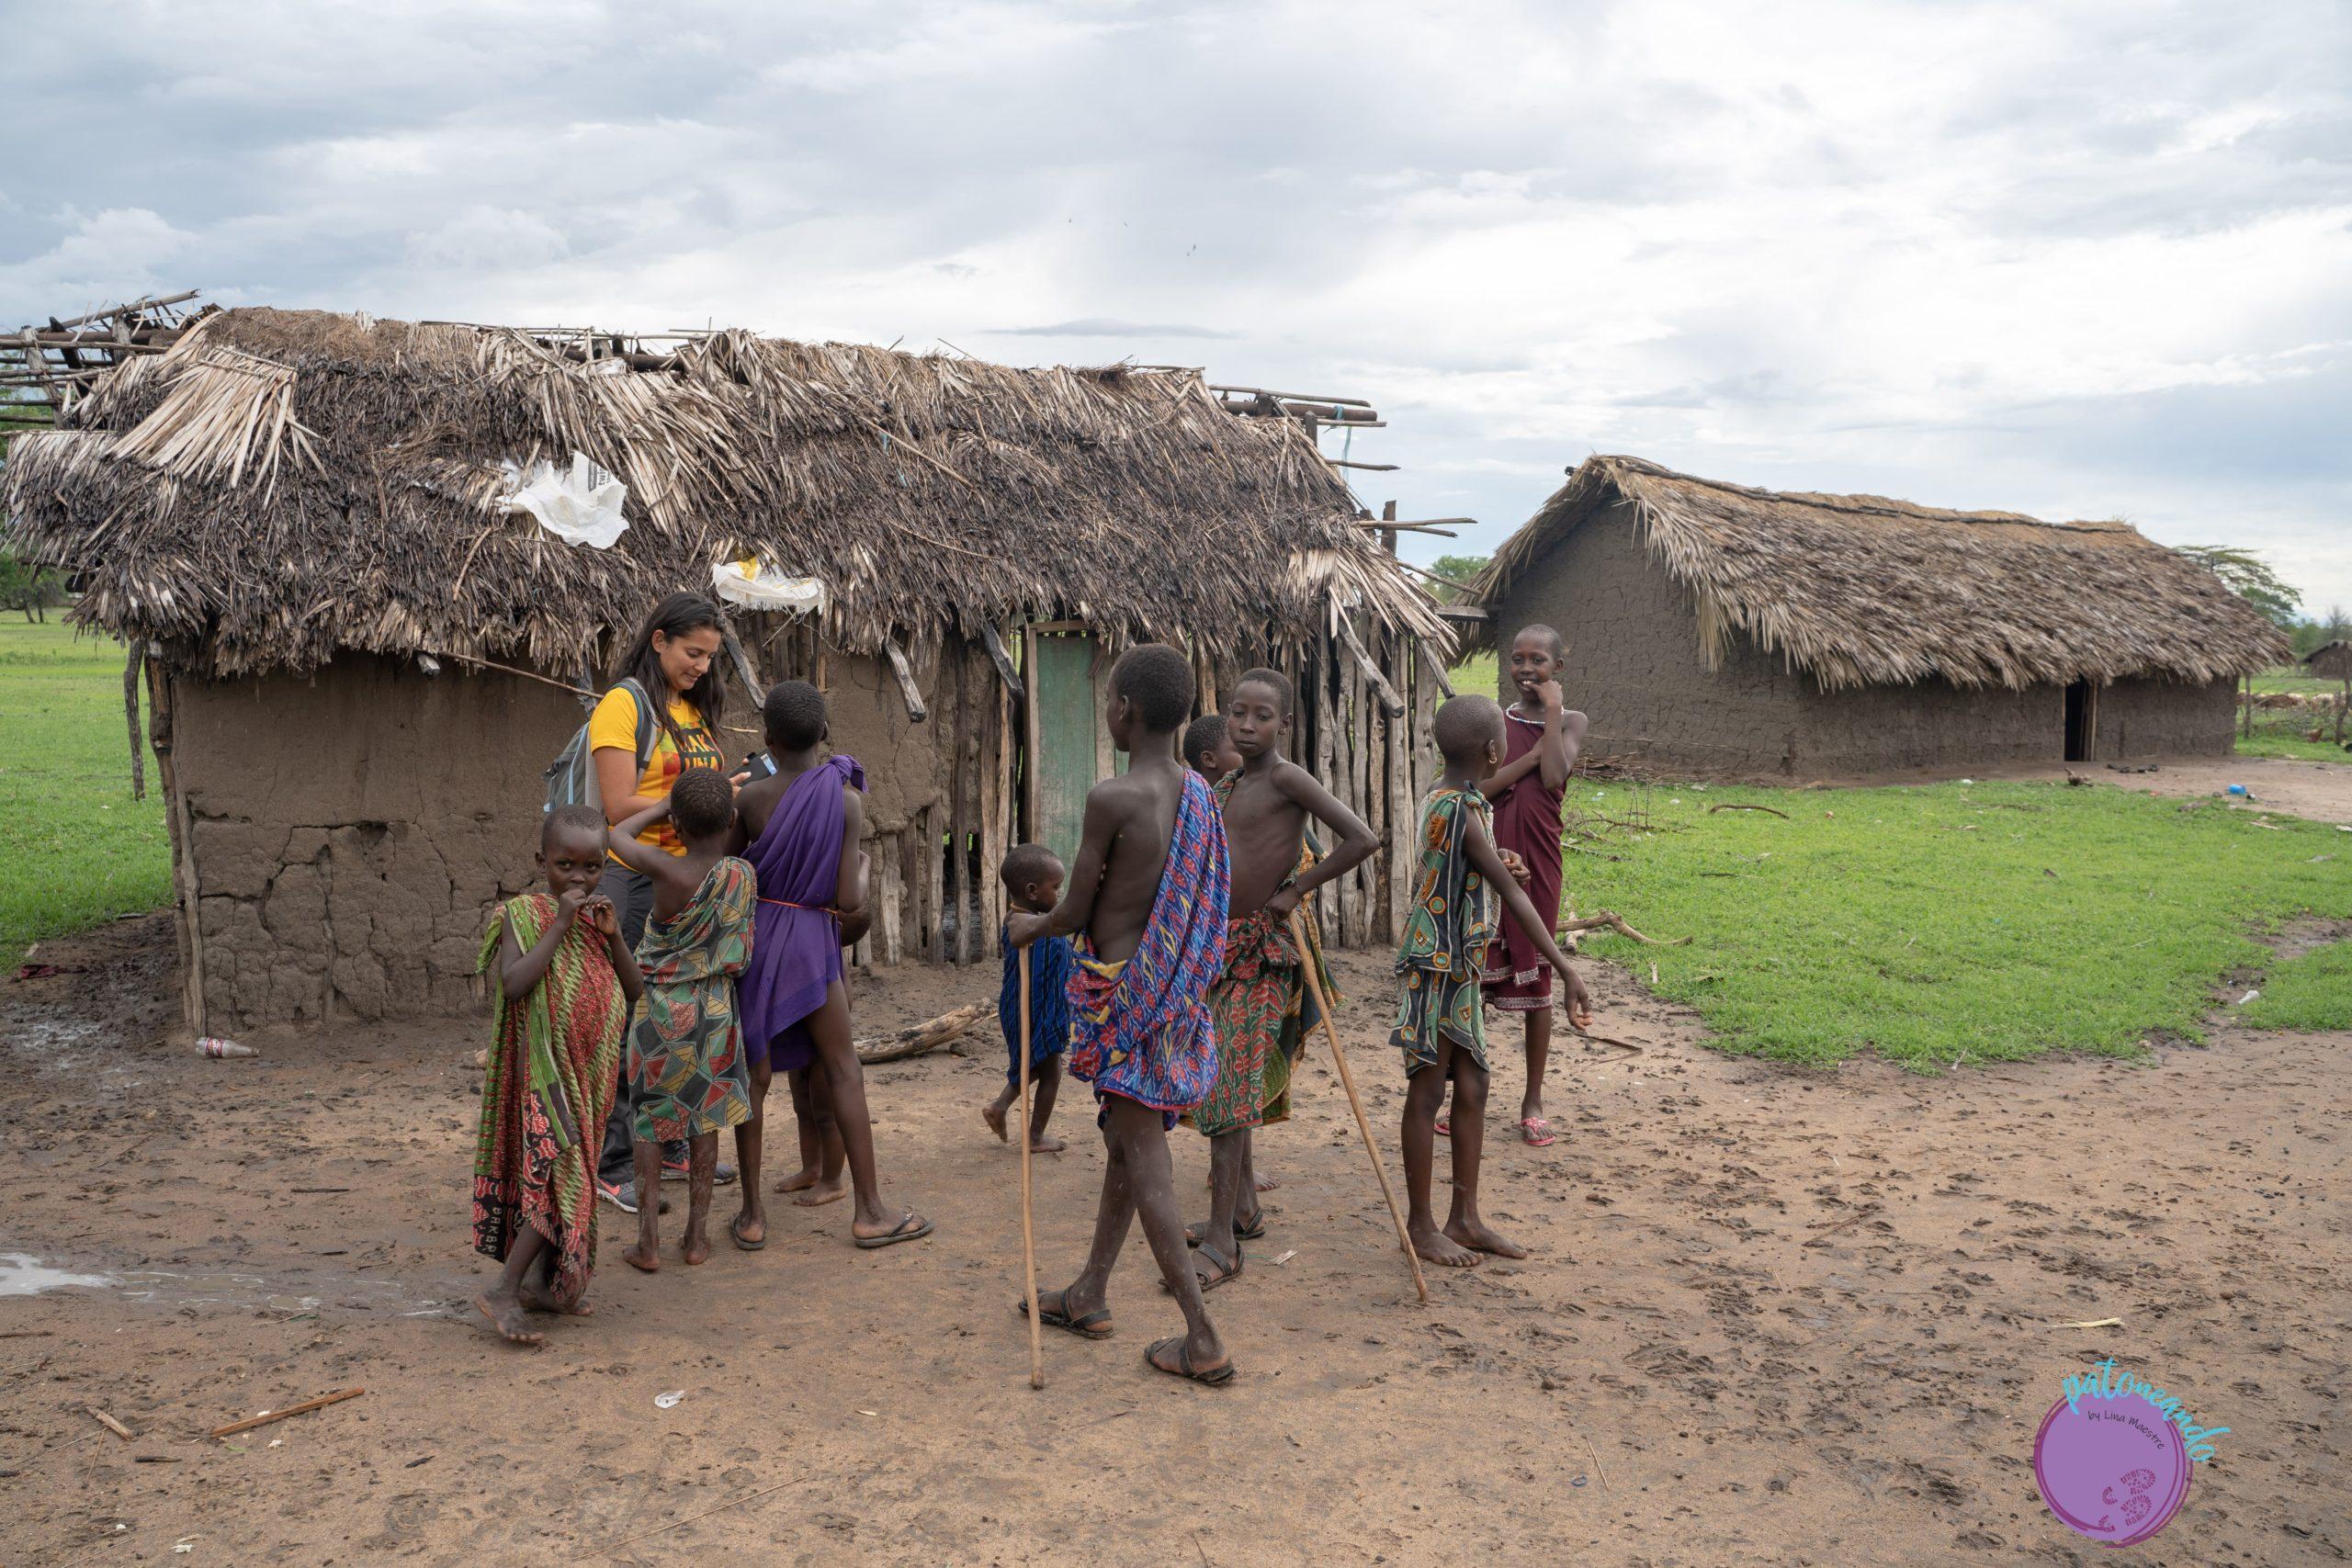 Visitando una aldea Masai en Paracuyo, Tanzania - quienes son los masai - Patoneando blog de viajes